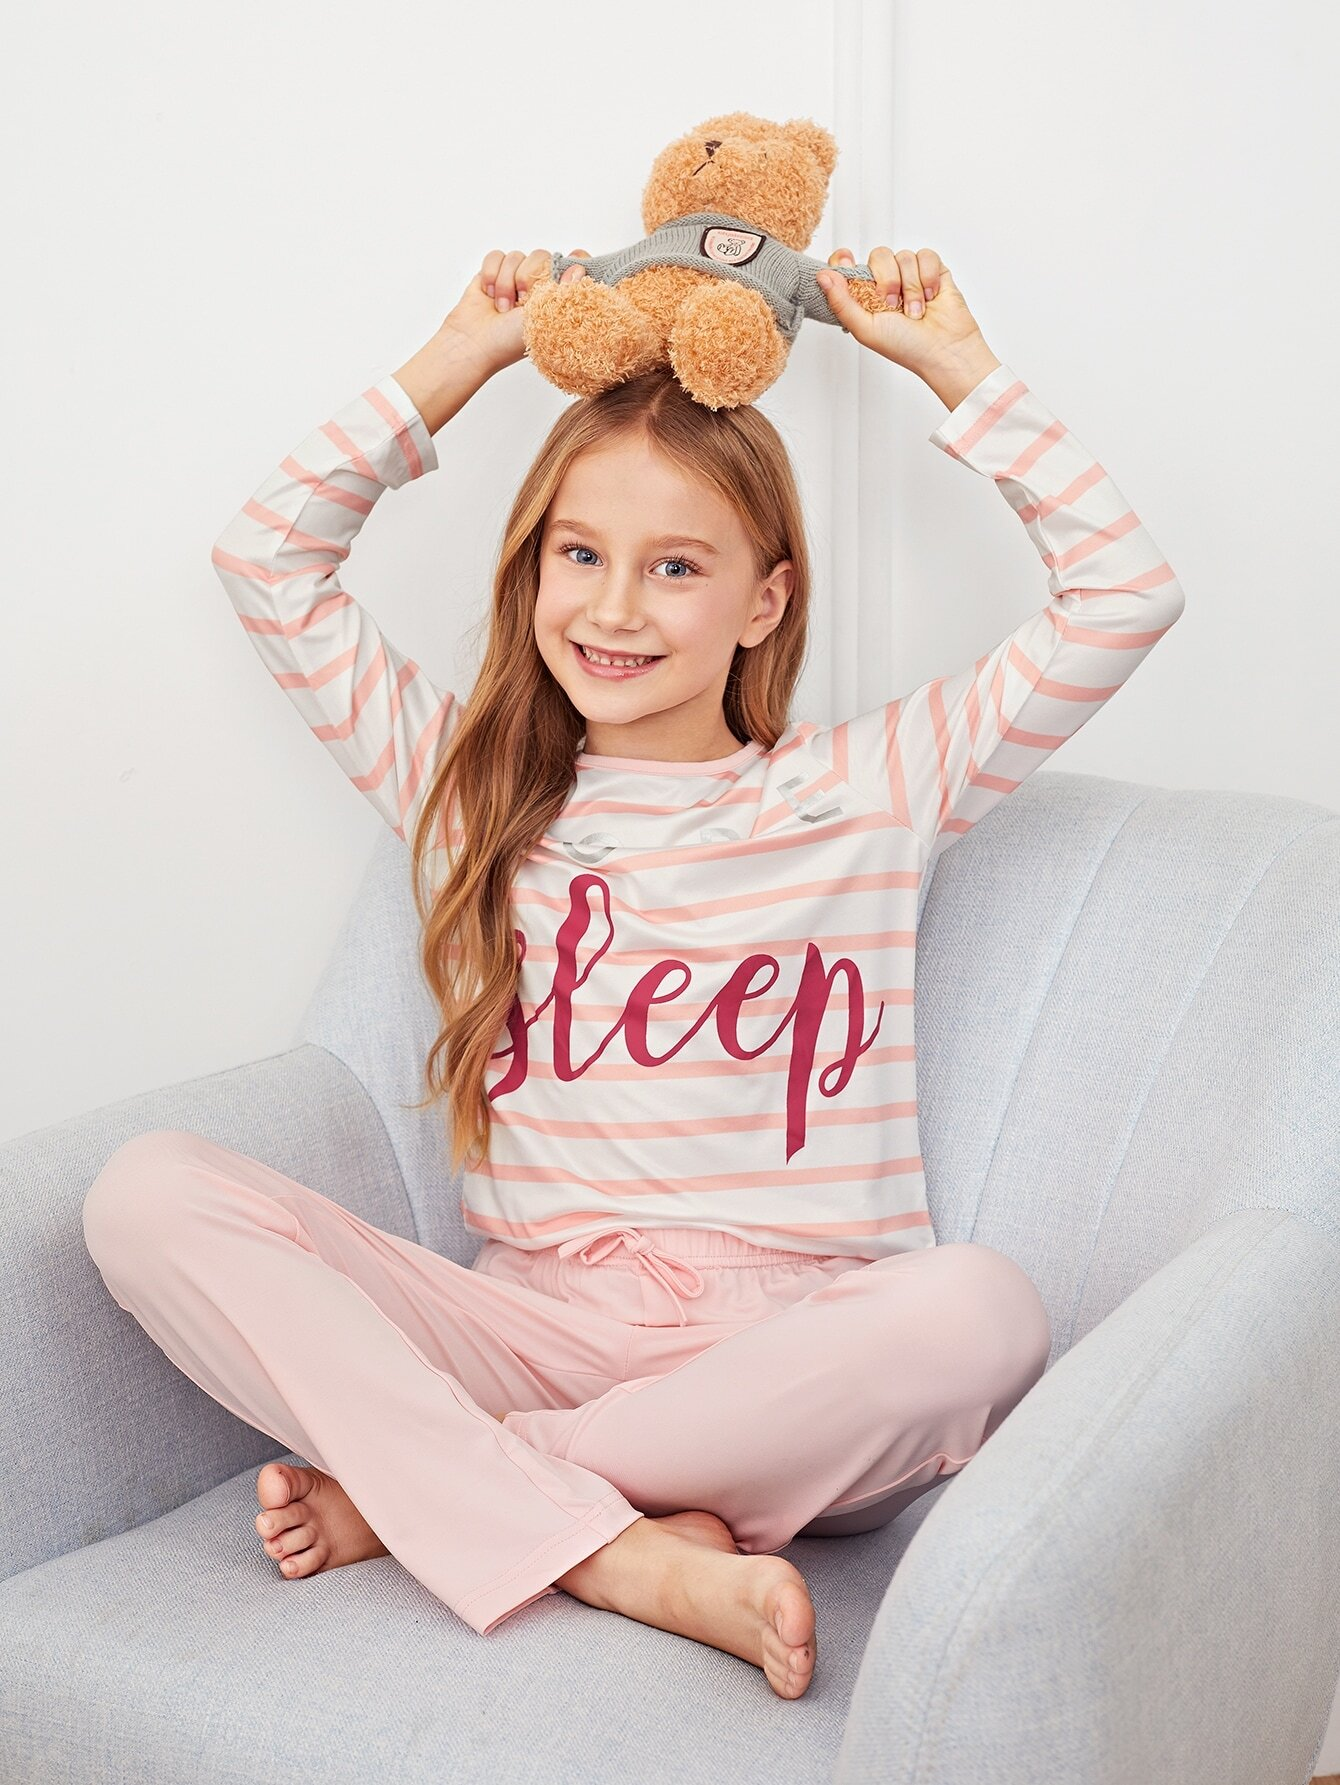 Полосатая пижама с текстовым принтом для девочек от SheIn